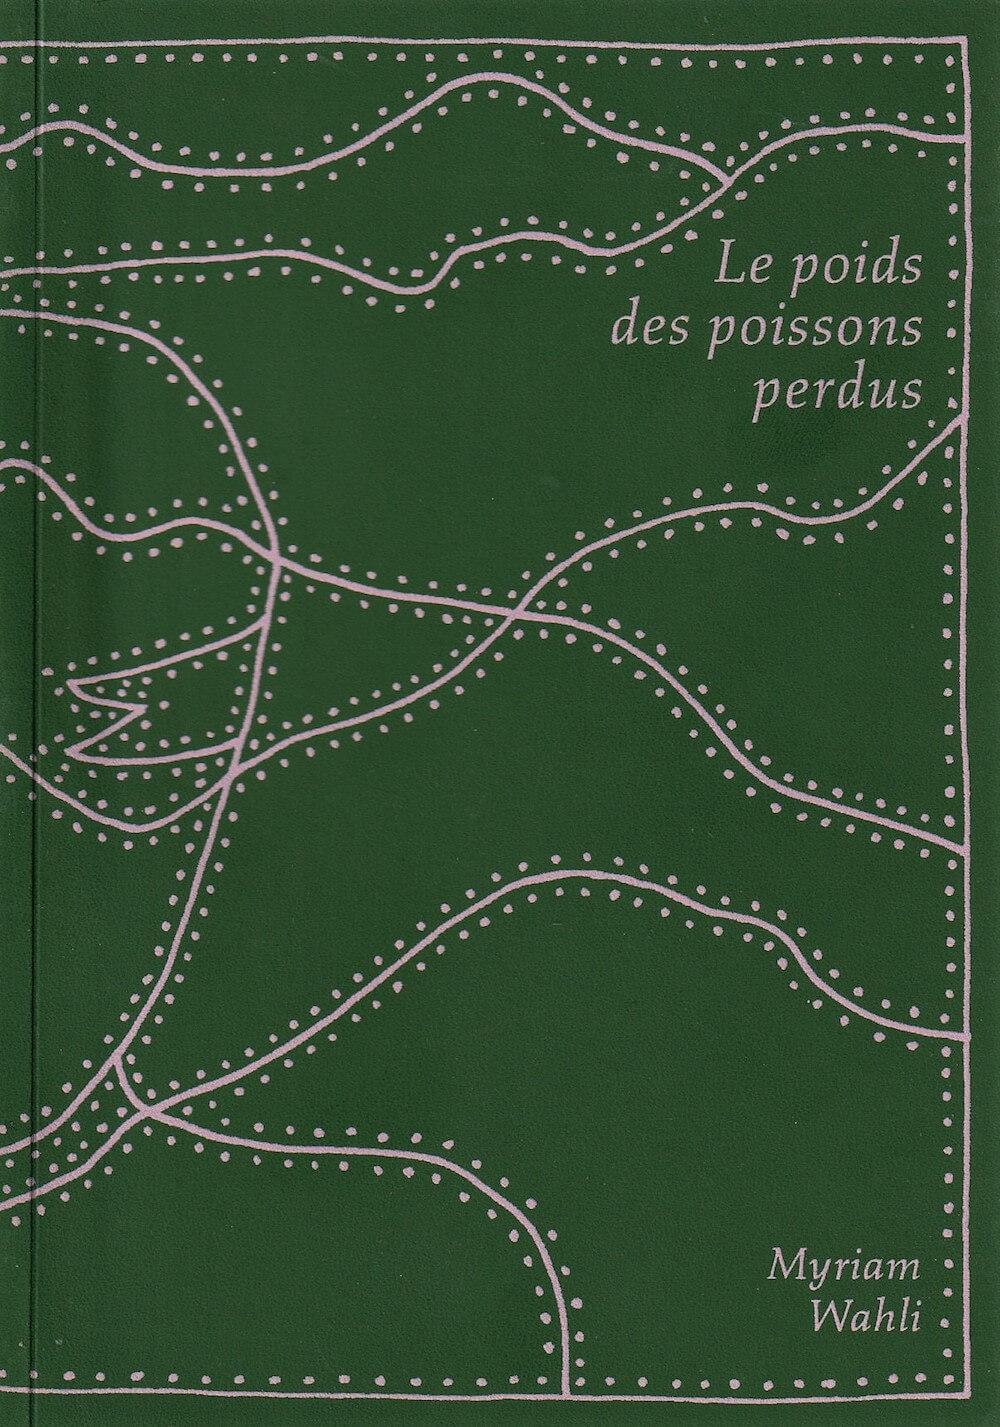 """Couverture du livre """"Le poids des poissons perdus""""."""